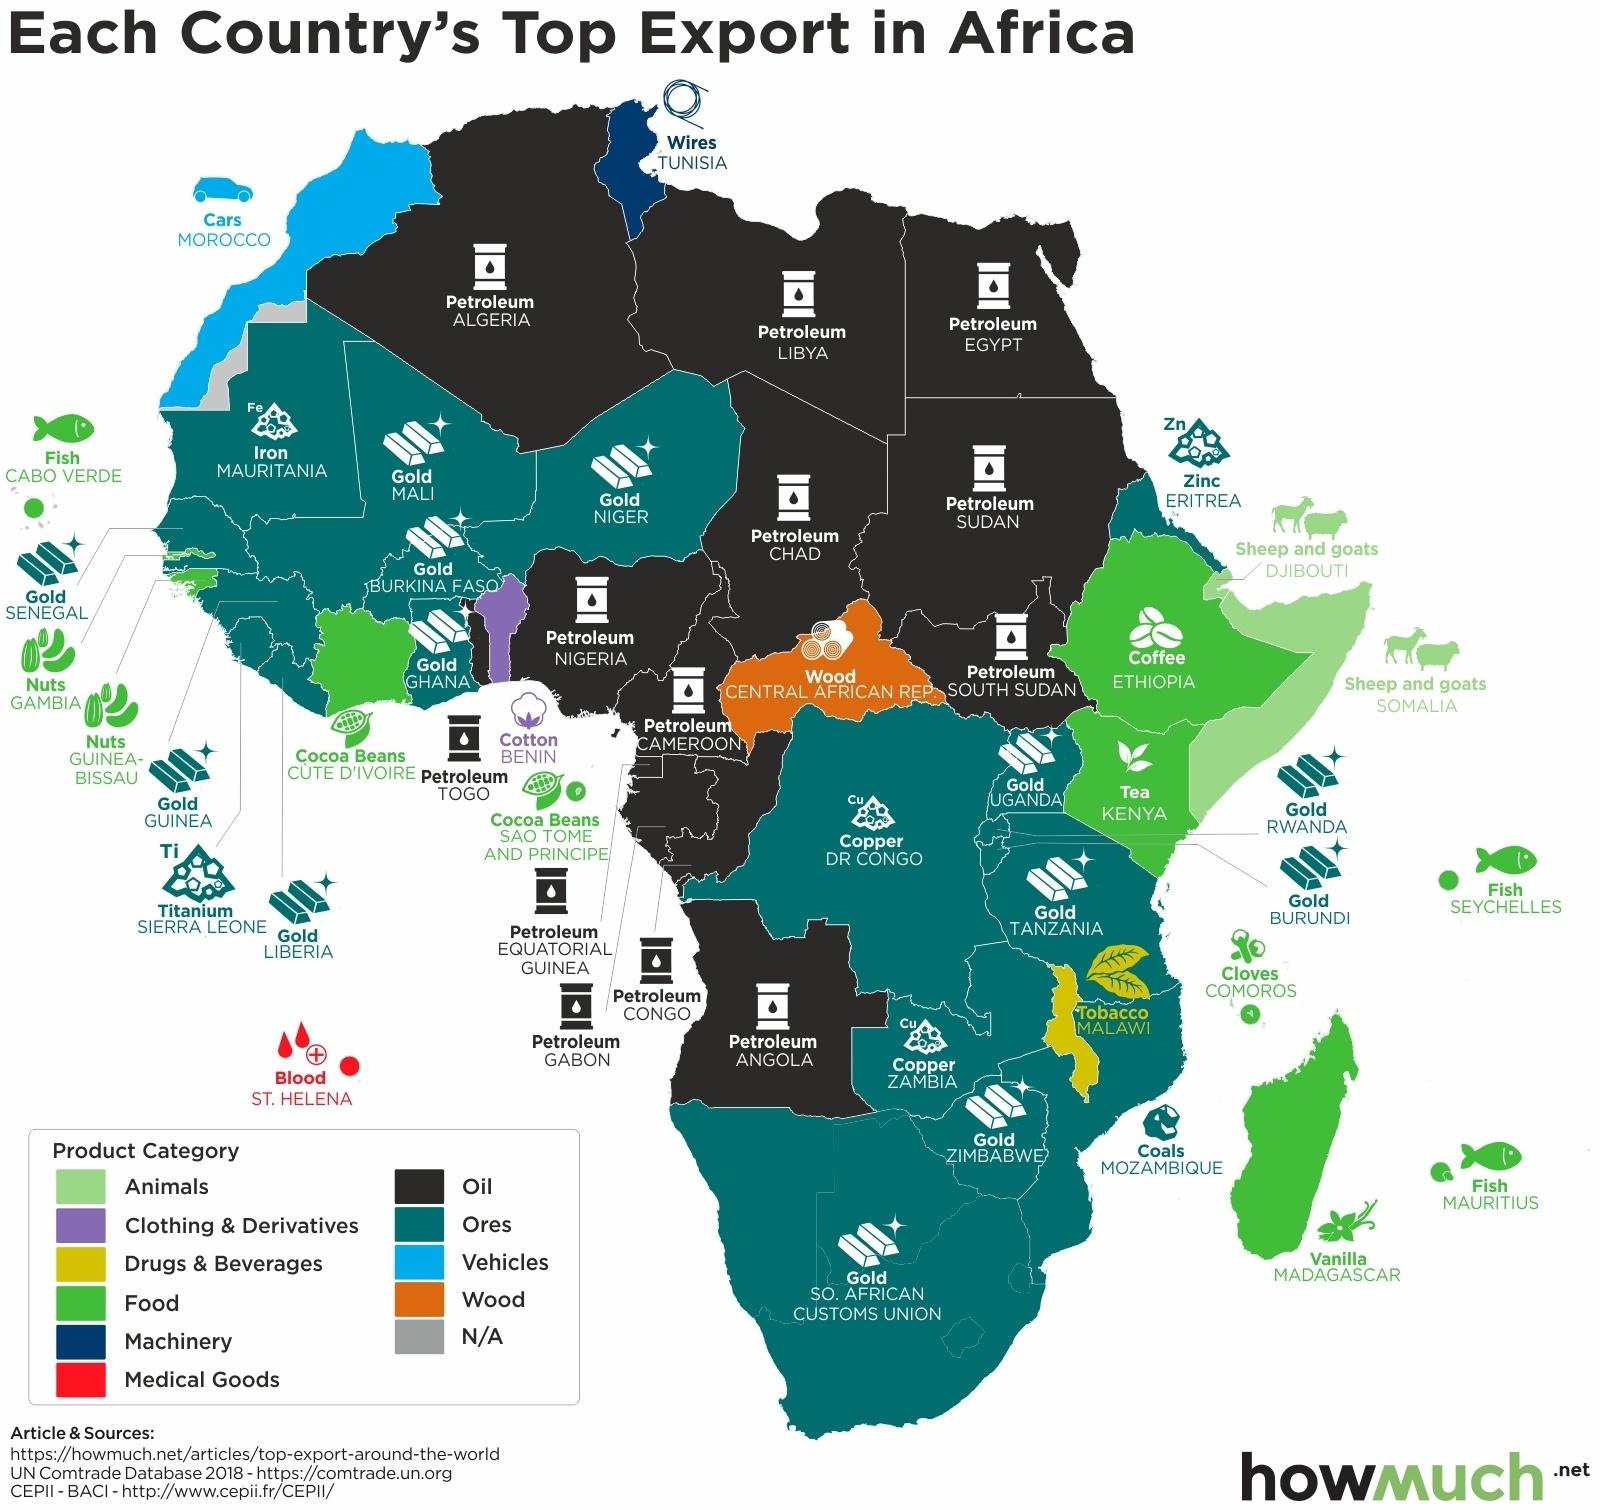 http://cdn.howmuch.net/articles/top-export-around-the-world-%E2%80%93-AFRICA-%281%29-777c.jpg